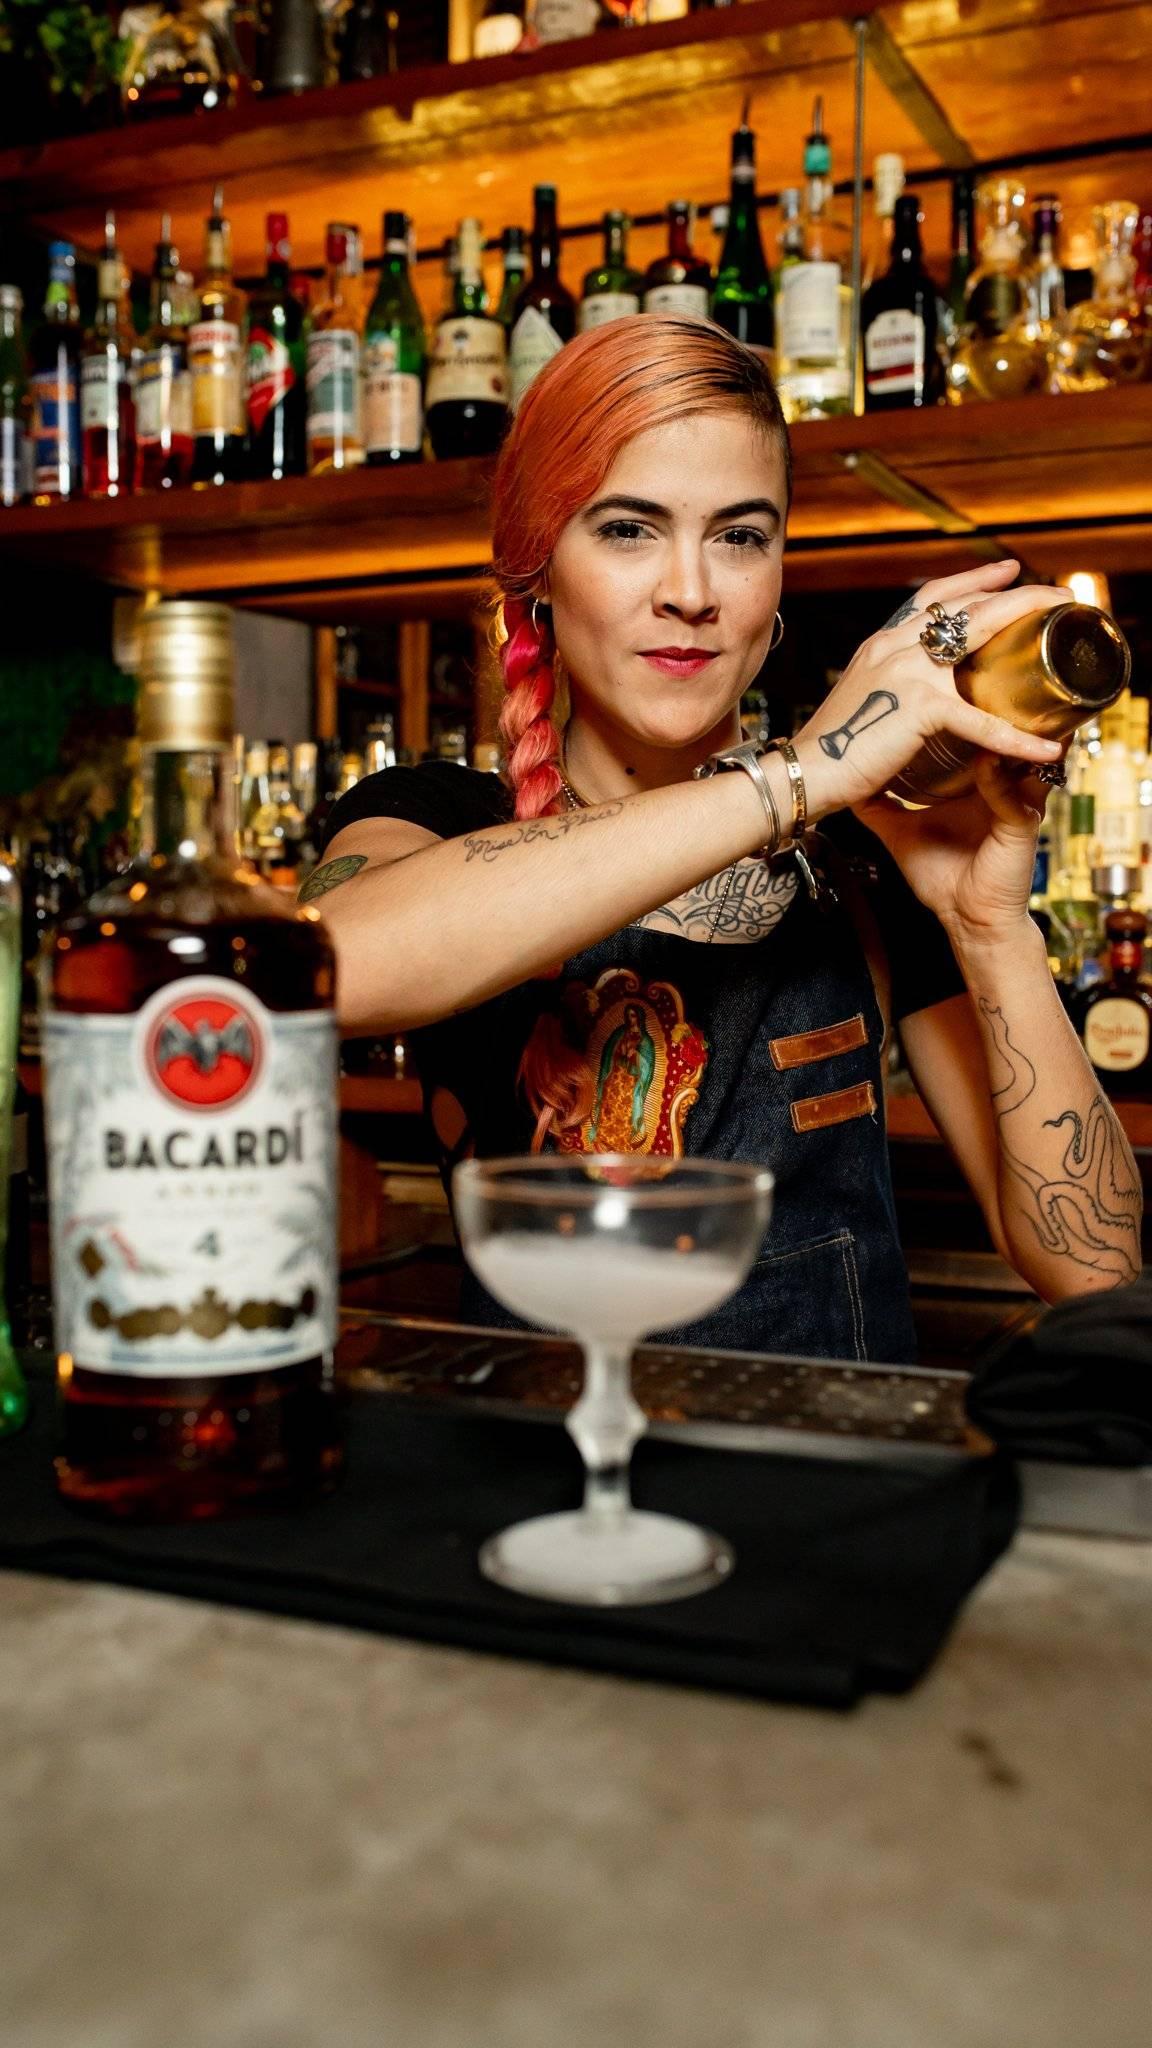 Nicole Fas es la única participante mujer entre el grupo de finalistas de la competencia Bacardí Legacy Cocktail en Puerto Rico.